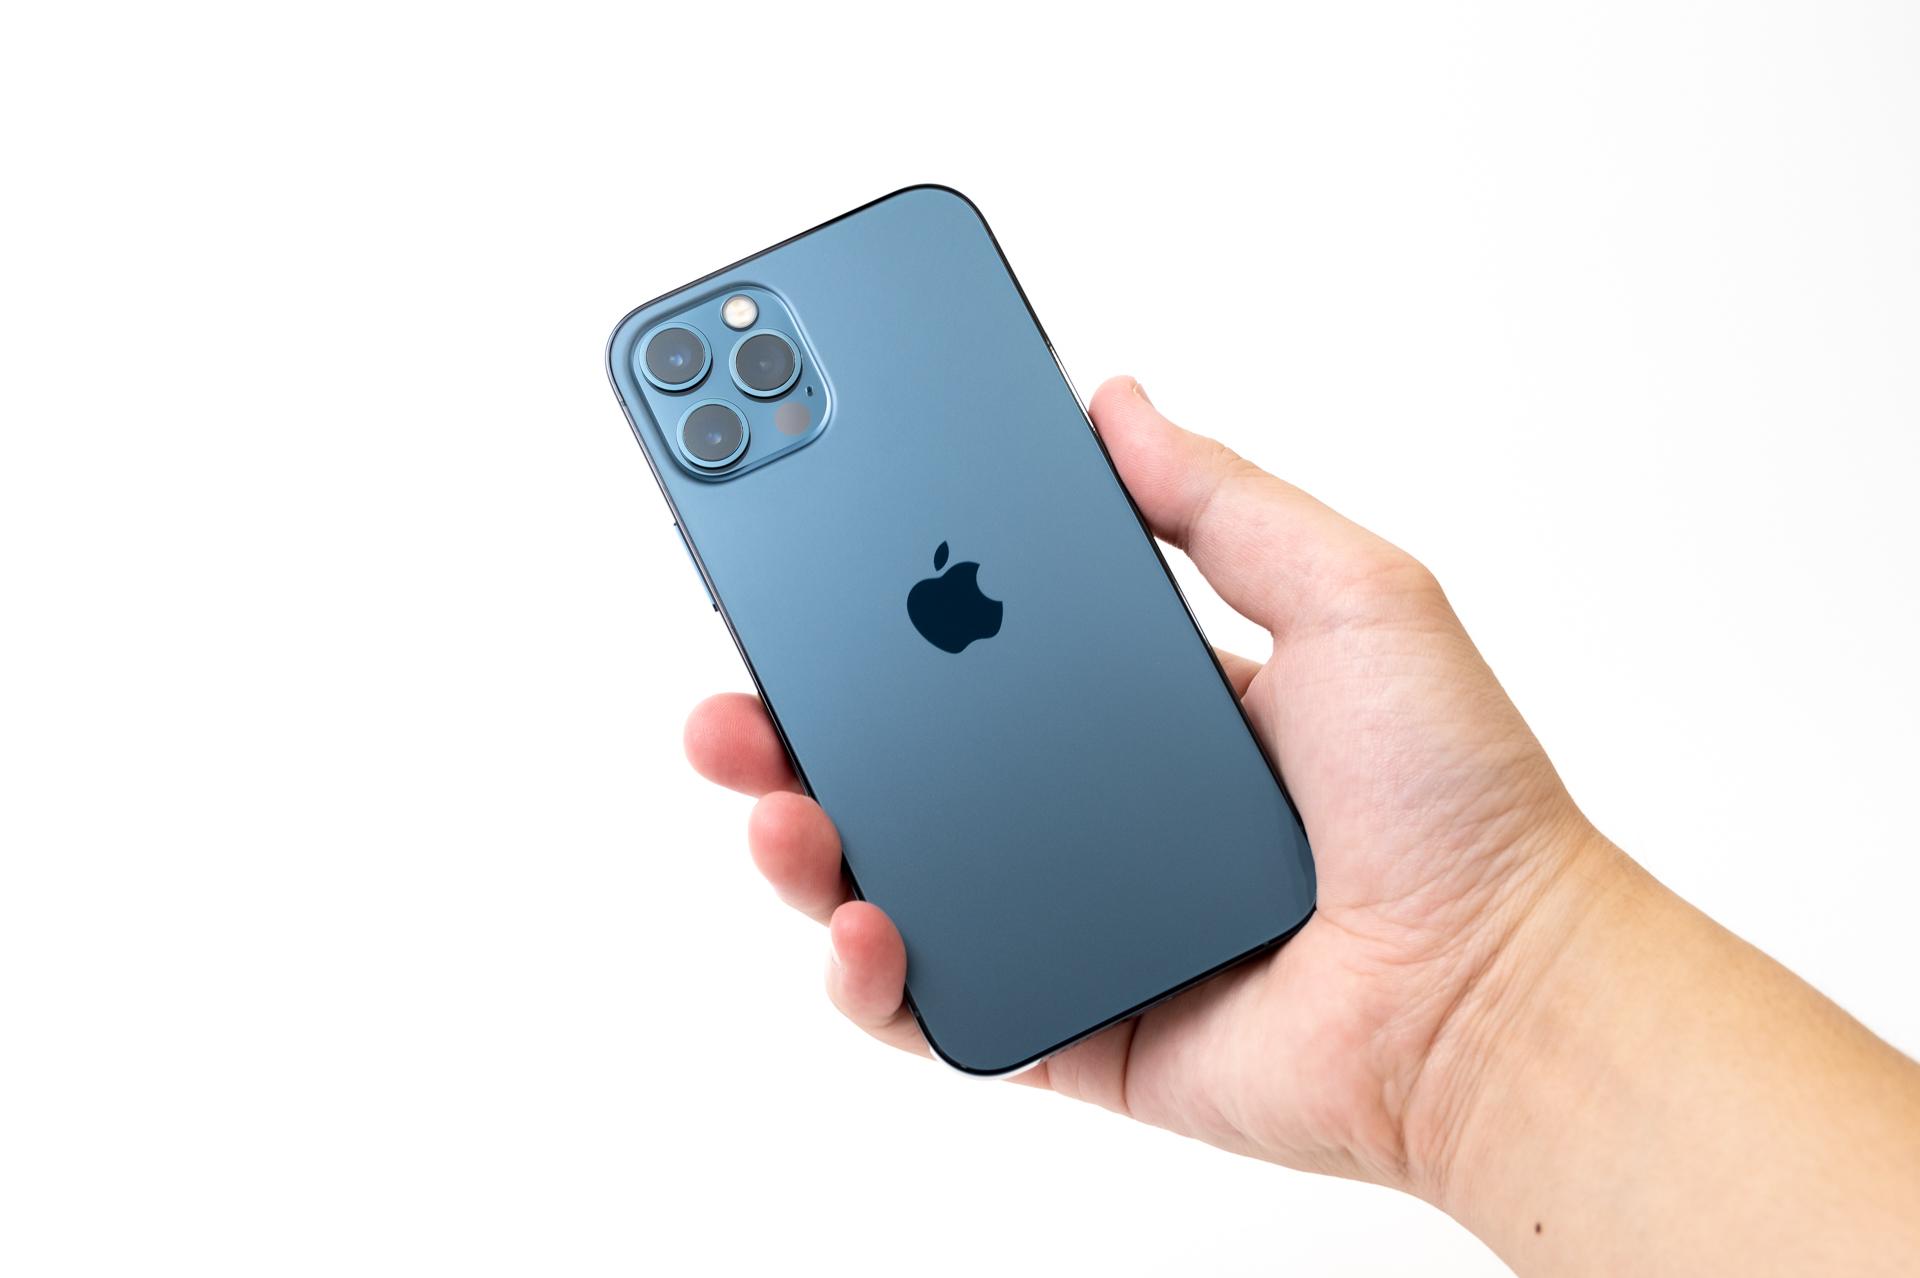 iPhone 12 Pro パシフィックブルー を手に持ったサイズ感